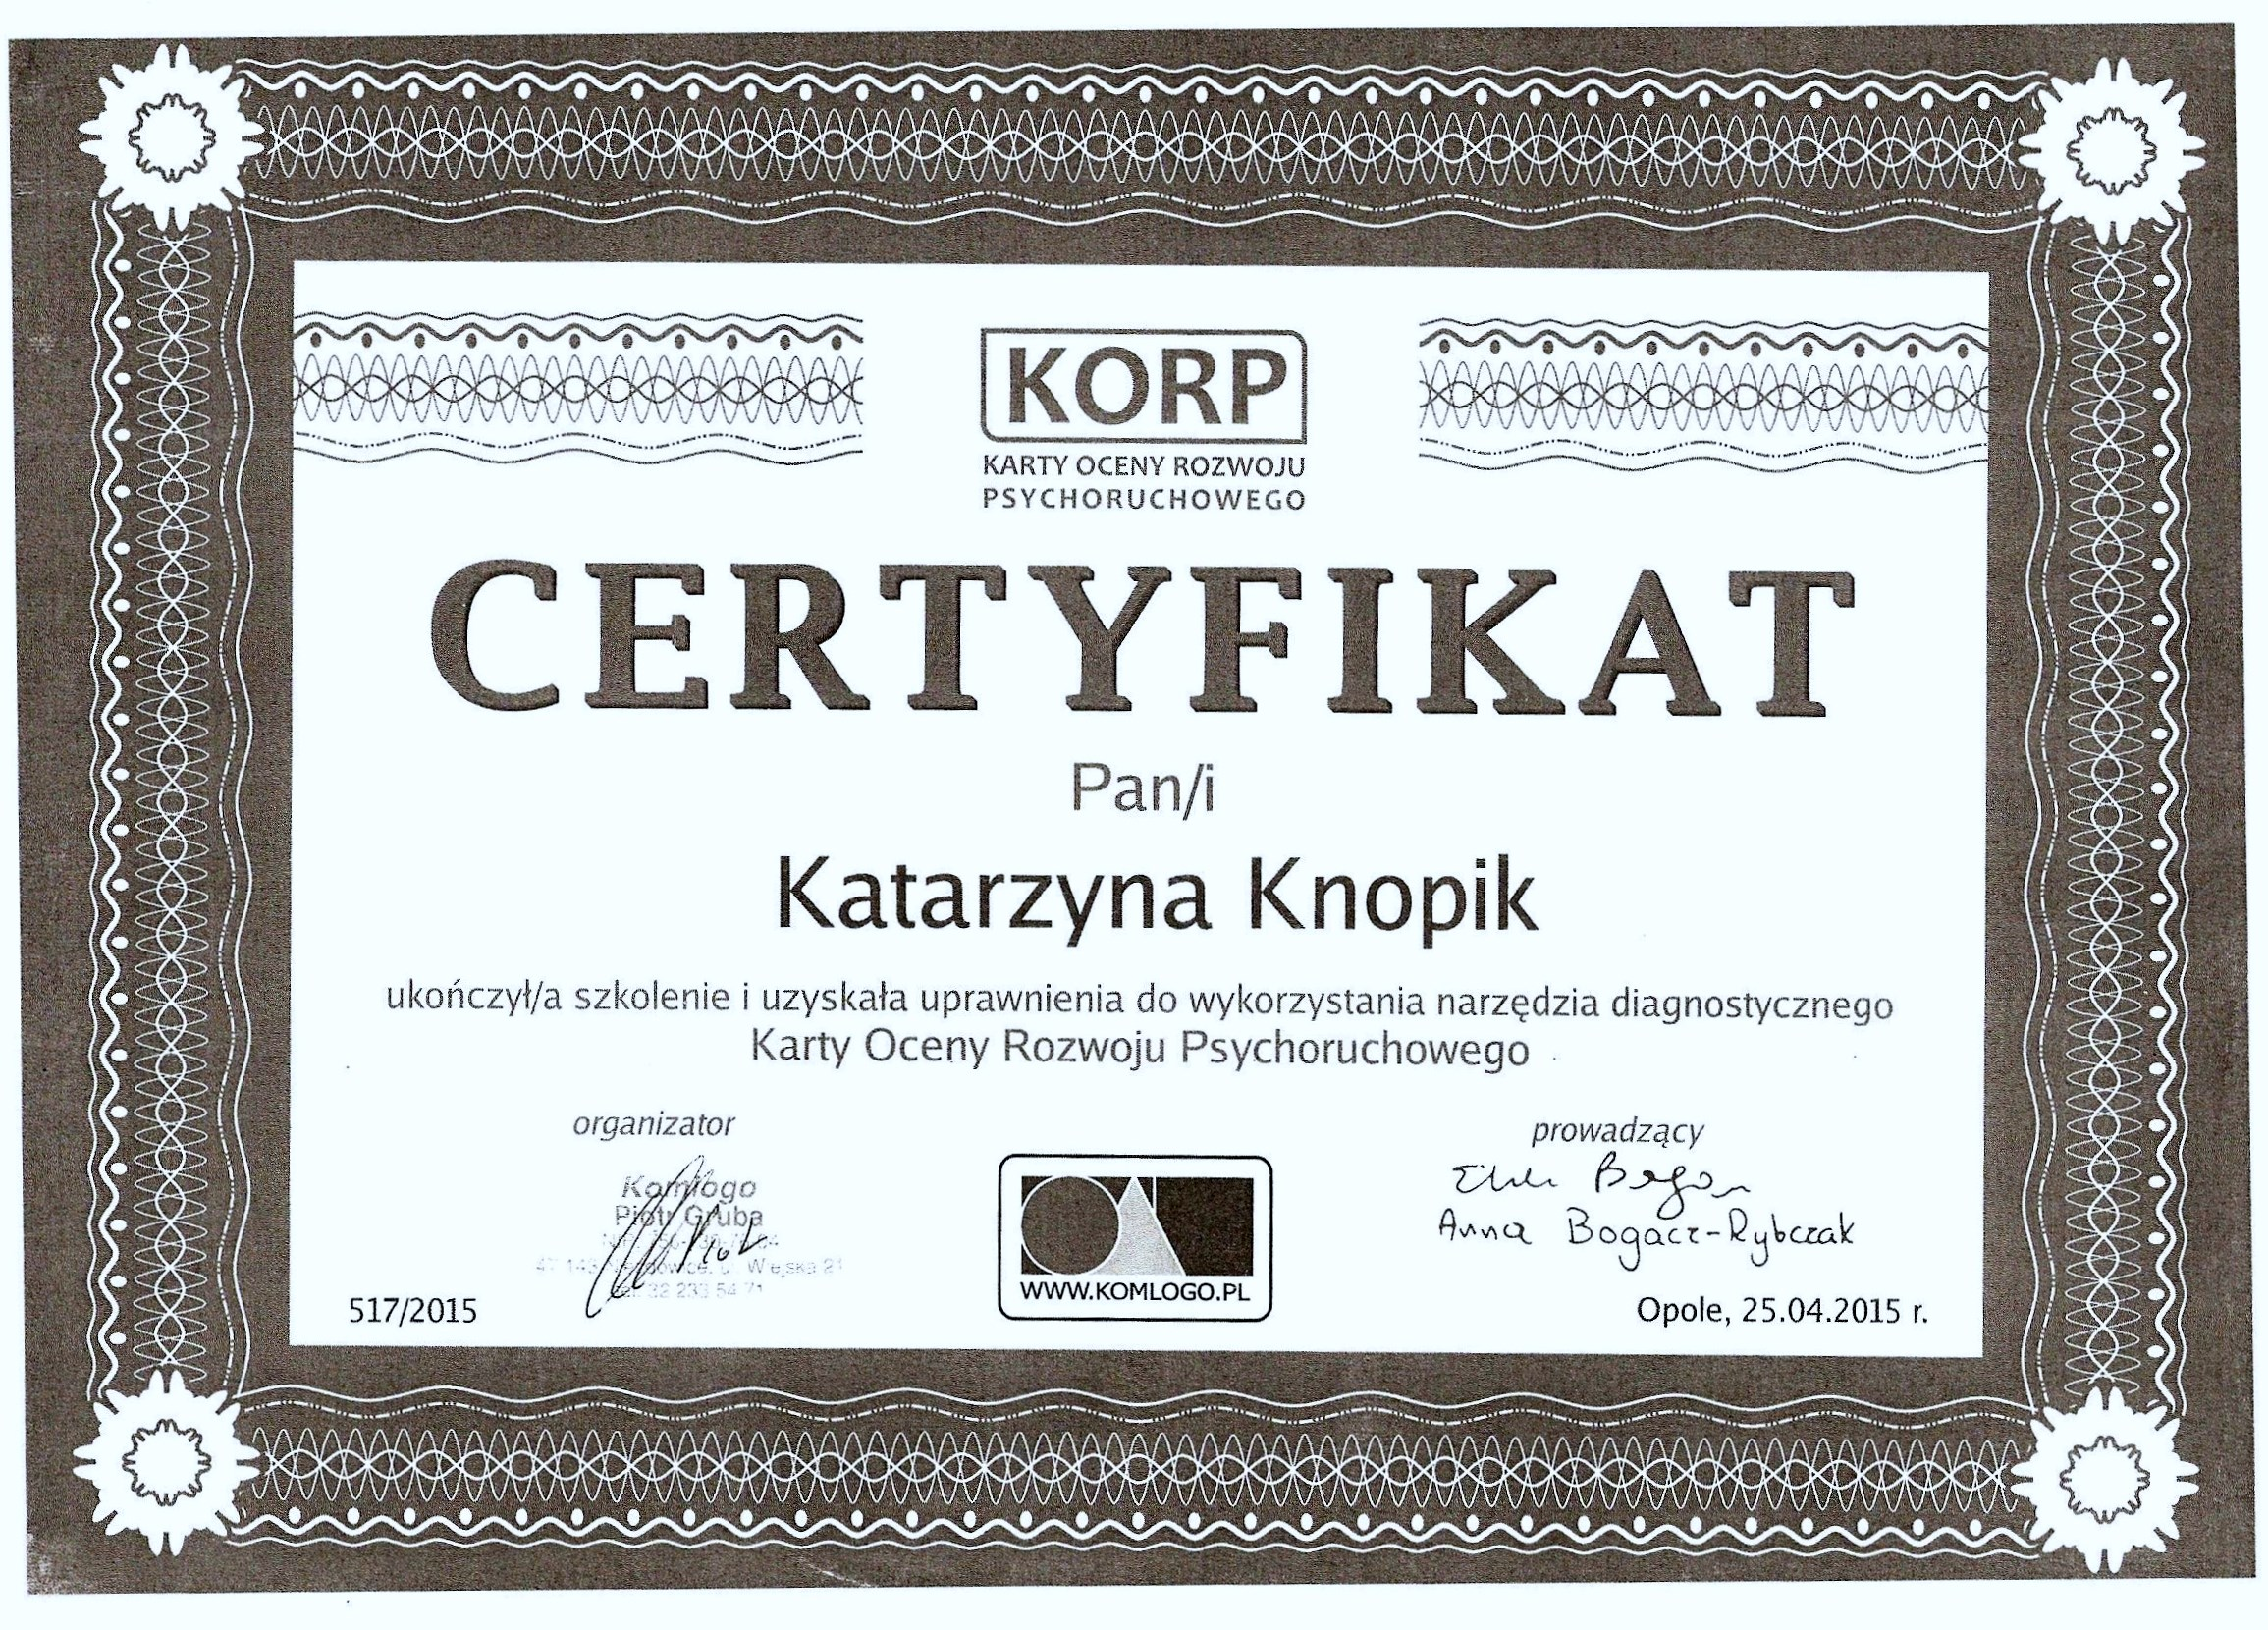 Certyfikat KORP